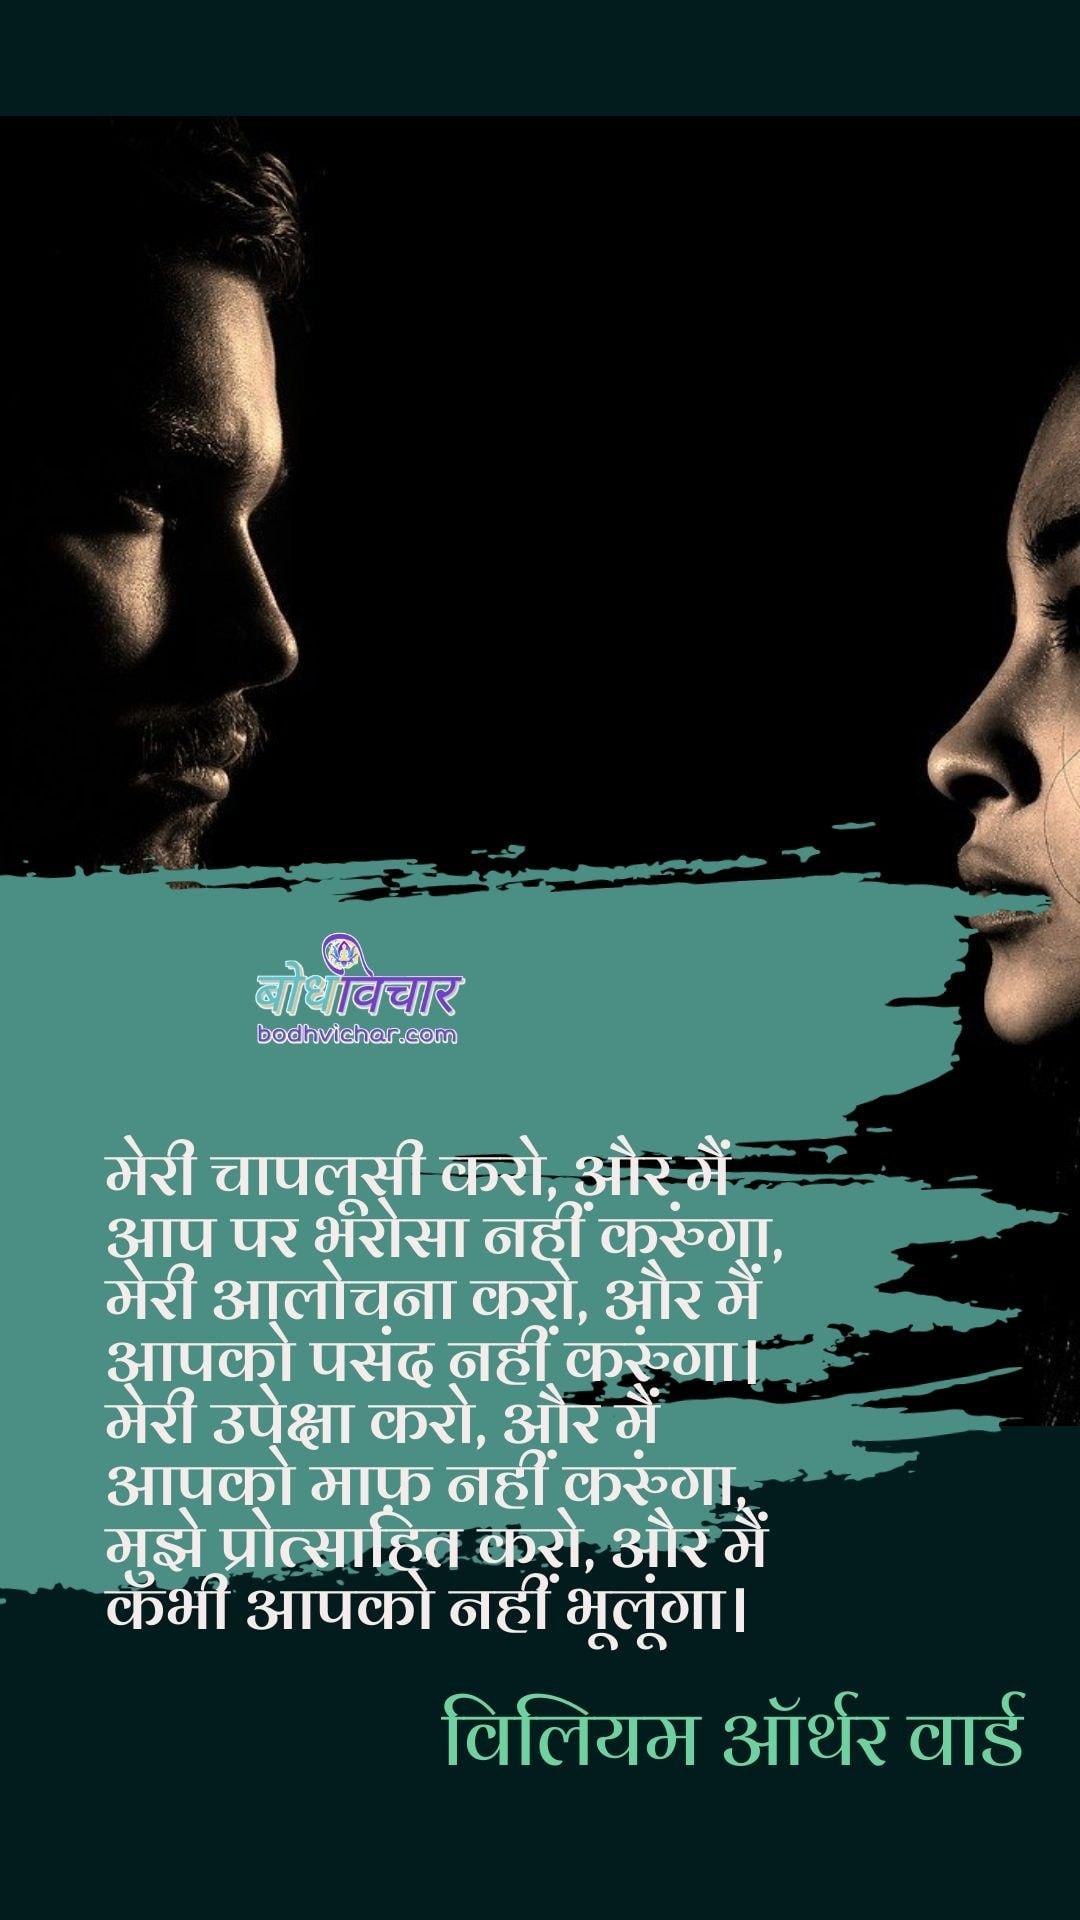 मेरी चापलूसी करो, और मैं आप पर भरोसा नहीं करुंगा, मेरी आलोचना करो, और मैं आपको पसंद नहीं करुंगा। मेरी उपेक्षा करो, और मैं आपको माफ़ नहीं करुंगा, मुझे प्रोत्साहित करो, और मैं कभी आपको नहीं भूलूंगा। : Meri chaploosi aro aur main aap par bharosa nahi karunga , meri aalochna karo aur main aapko pasand karunga. meri upeksha karo aur main apko bhai maaf nahi karunga, mujhe protsaahit karo  aur main aapko kabhi bhulunga nahi. - विलियम ऑर्थर वार्ड